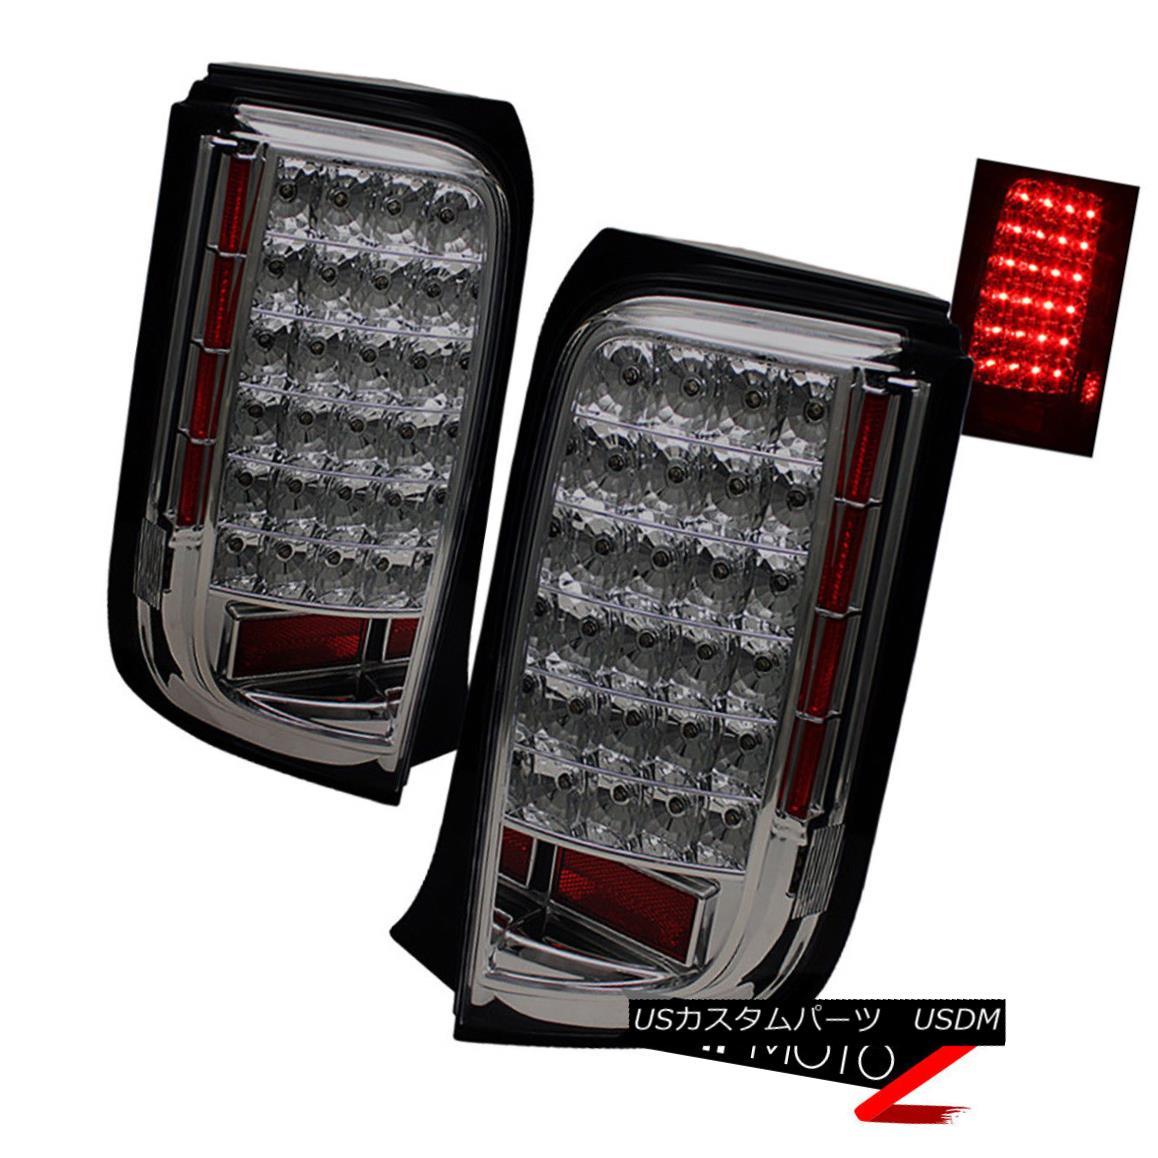 テールライト TiTaniuM Smoke LED Rear Brake Signal Tail Lights Assembly LEFT+RIGHT Scion xB bB TiTaniuMスモークLEDリアブレーキ信号テールライトアセンブリLEFT + RIGHT Scion xB bB